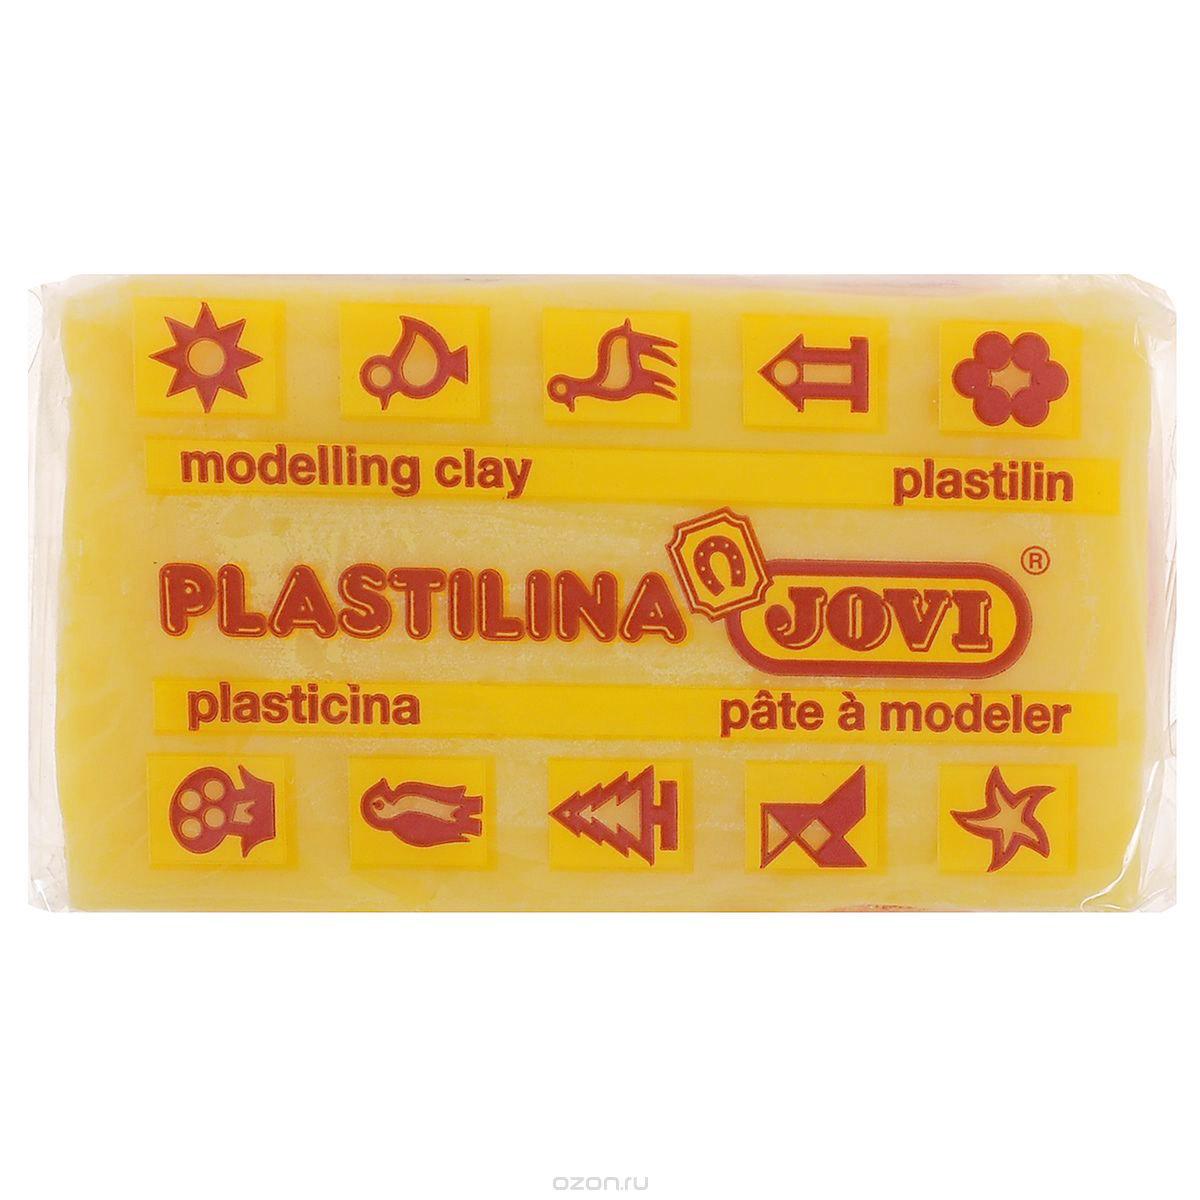 Jovi Пластилин цвет темно-желтый 50 г72523WDПластилин Jovi - лучший выбор для лепки, он обладает превосходными изобразительными возможностями и поэтому дает простор воображению и самым смелым творческим замыслам. Пластилин, изготовленный на растительной основе, очень мягкий, легко разминается и смешивается, не пачкает руки и не прилипает к рабочей поверхности. Пластилин пригоден для создания аппликаций и поделок, ручной лепки, моделирования на каркасе, пластилиновой живописи - рисовании пластилином по бумаге, картону, дереву или текстилю. Пластические свойства сохраняются в течение 5 лет.